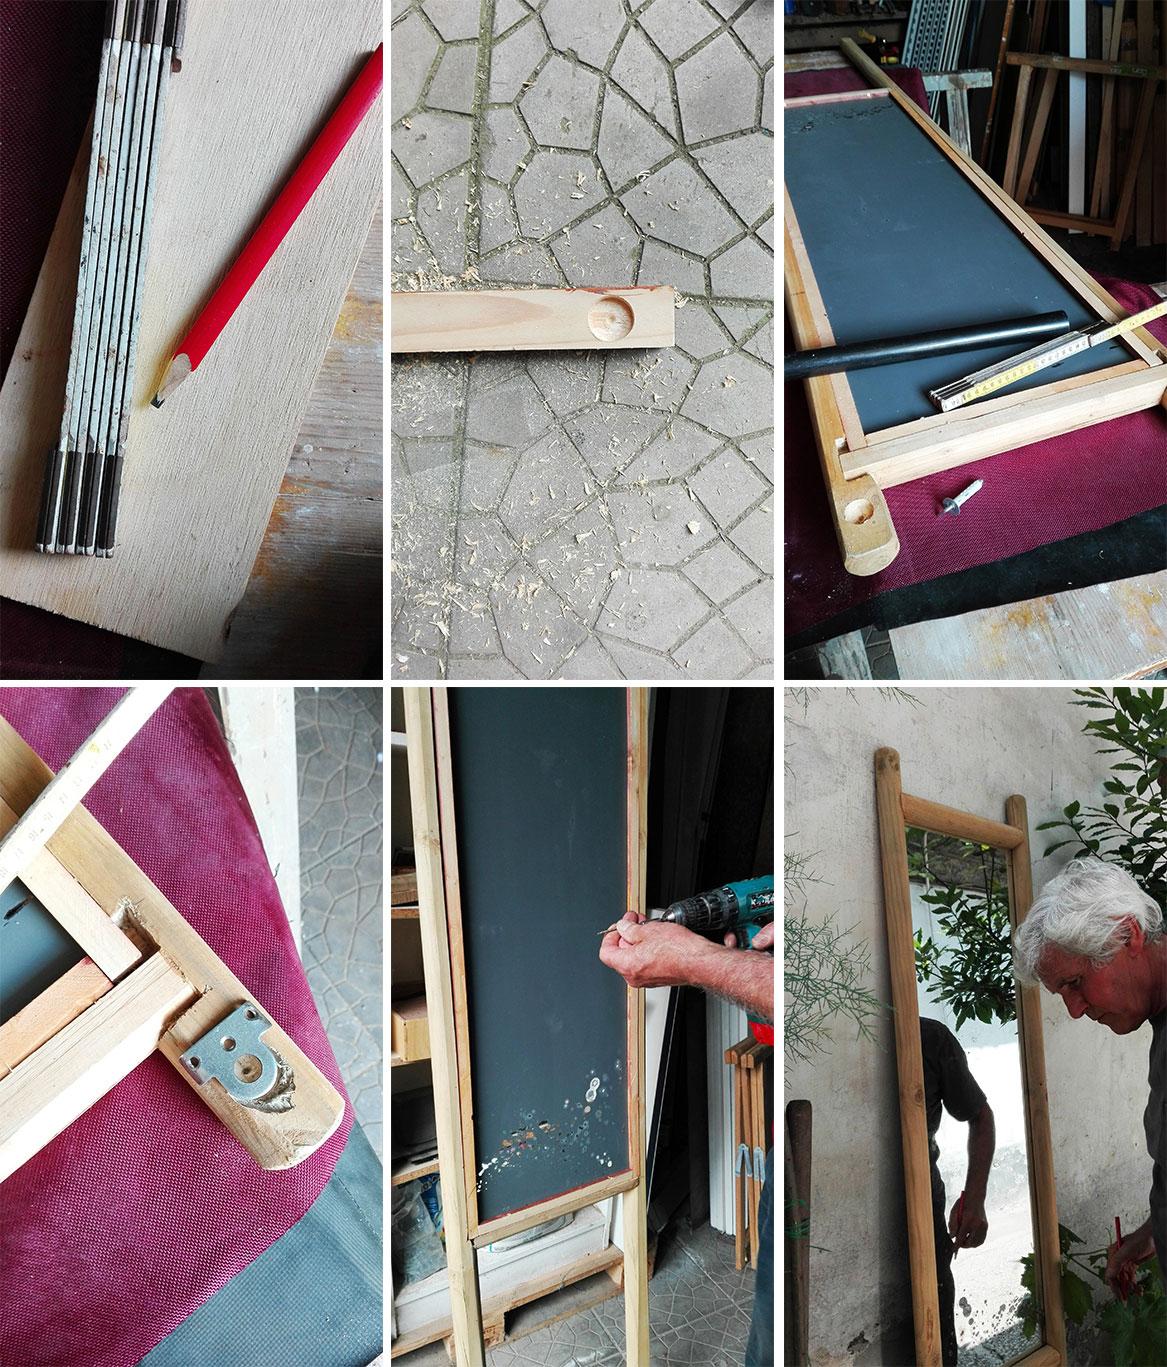 fasi di realizzazione cornice di legno fai da te per specchio